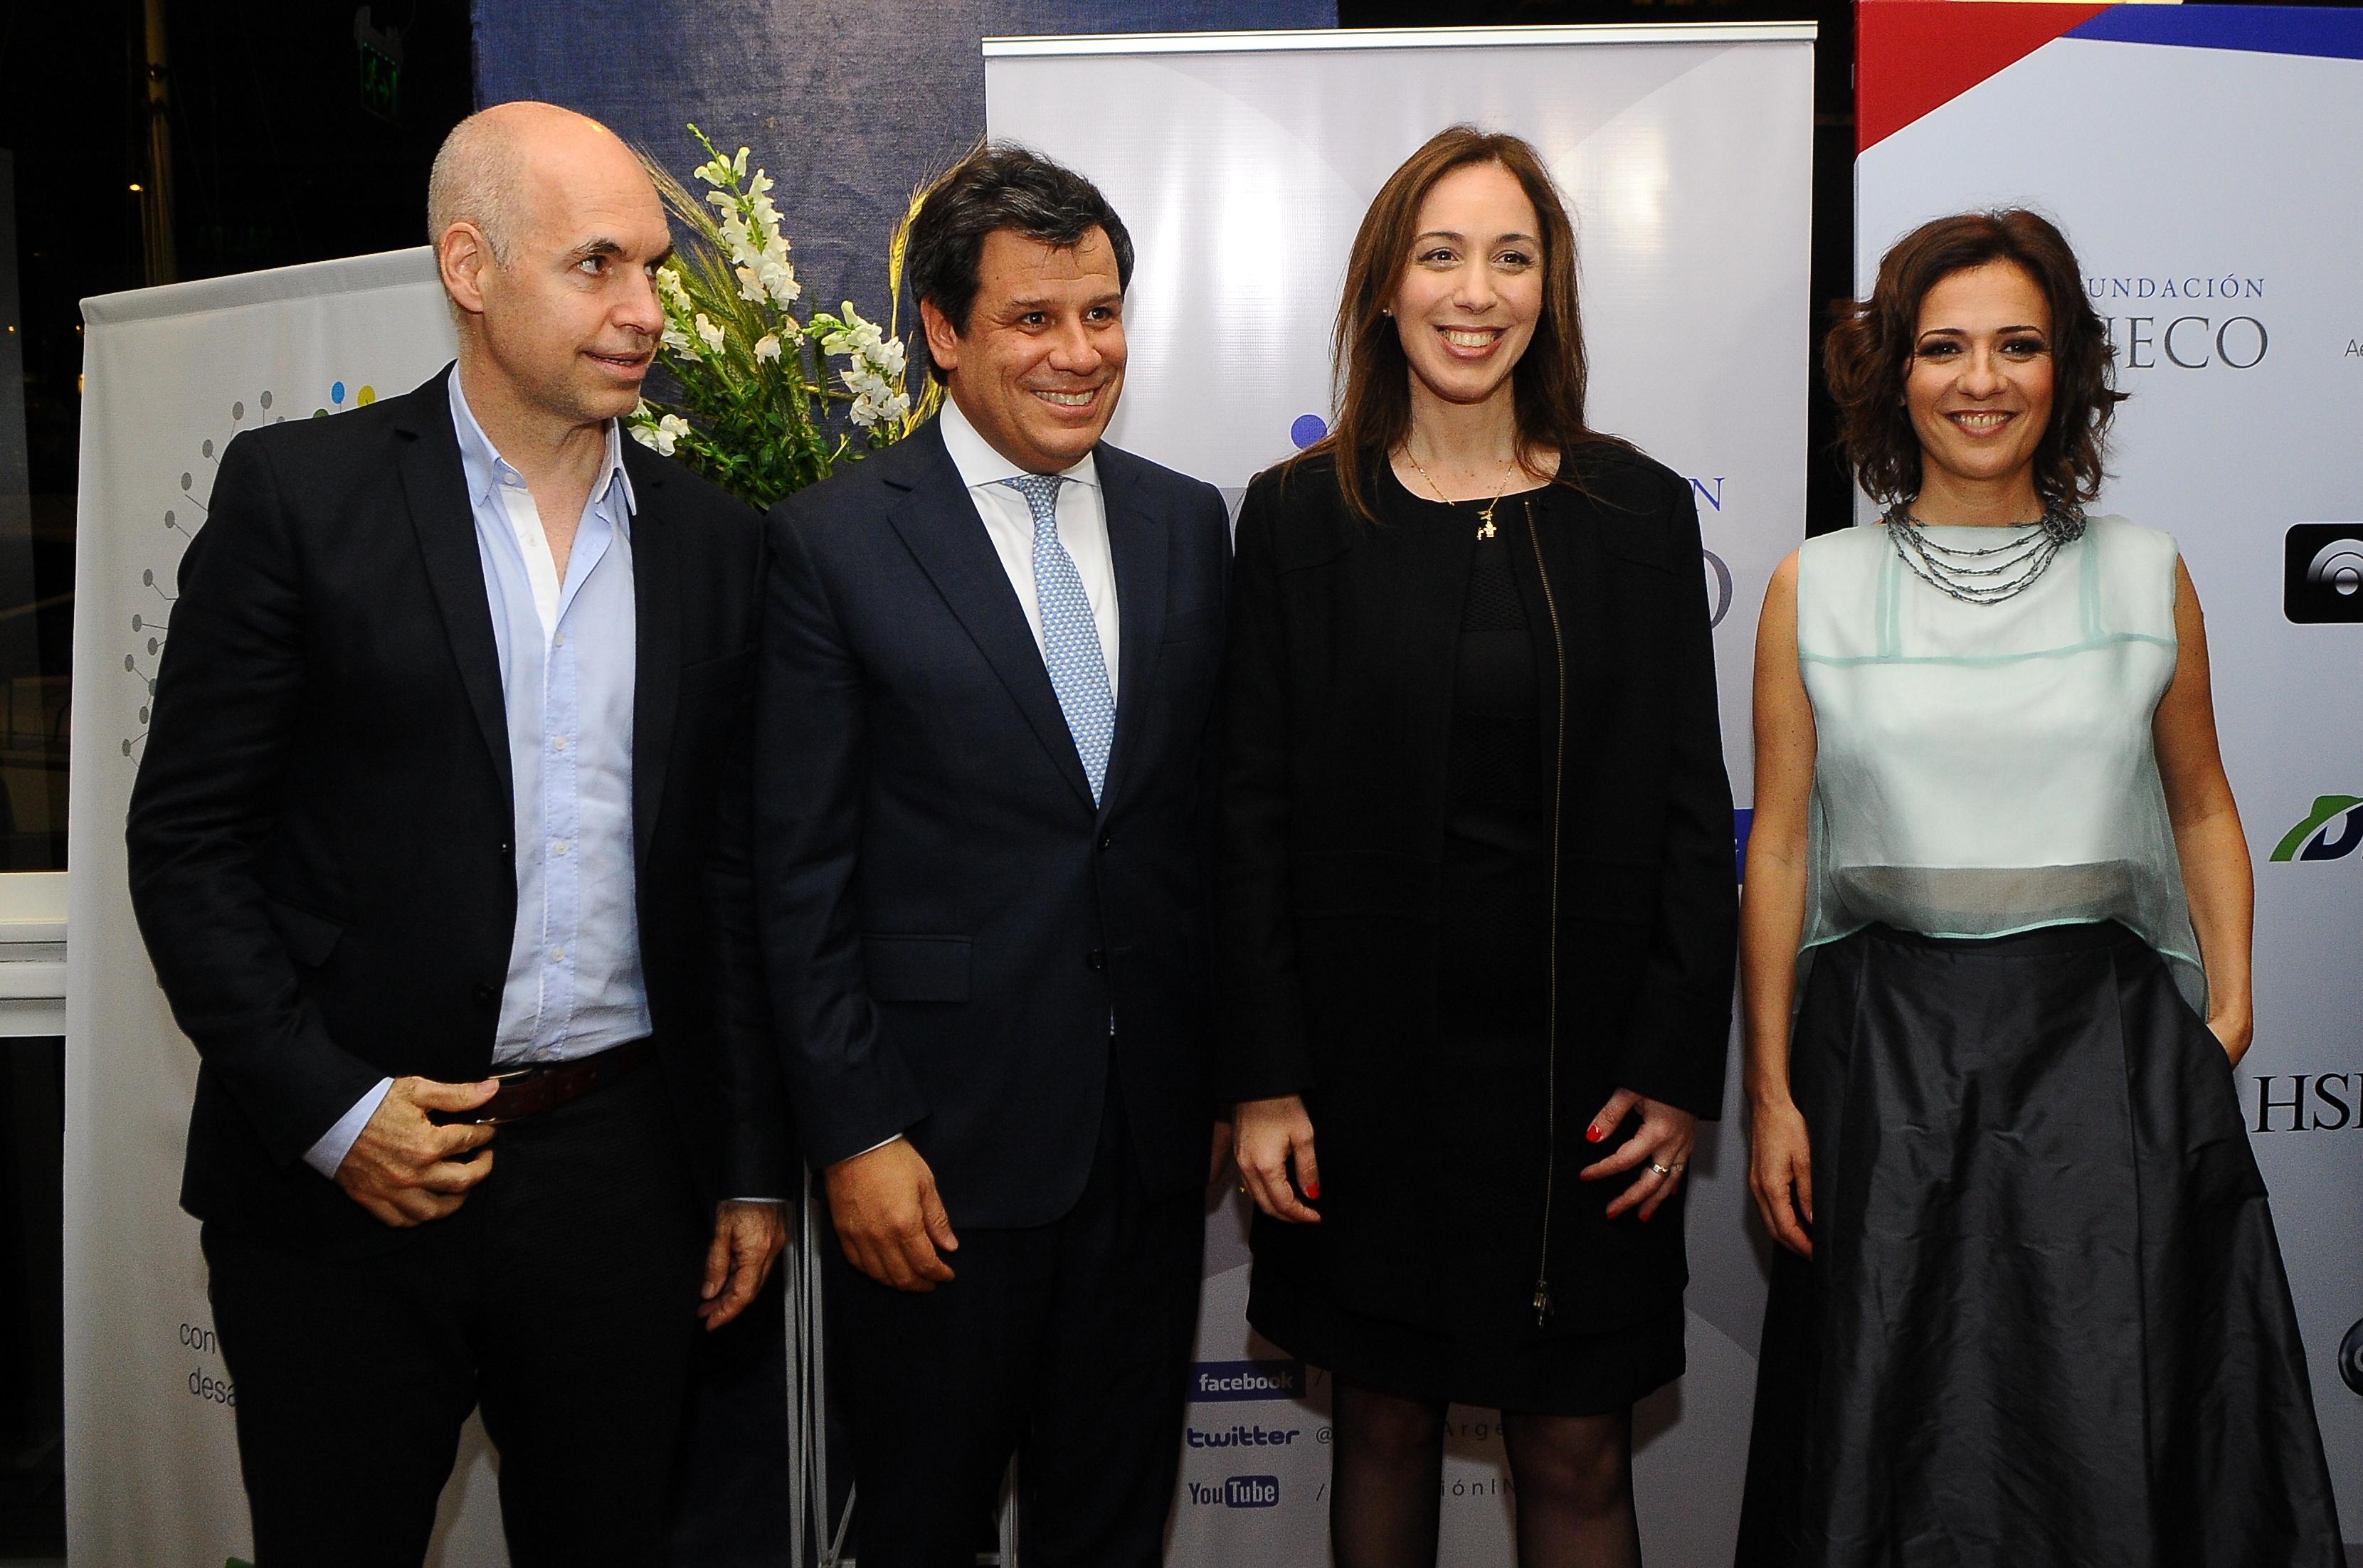 Facundo Manes y su esposa Josefina, recibieron a la gobernadora de la provincia de Buenos Aires, María Eugenia Vidal, y al jefe de Gobierno porteño, Horacio Rodríguez Larreta